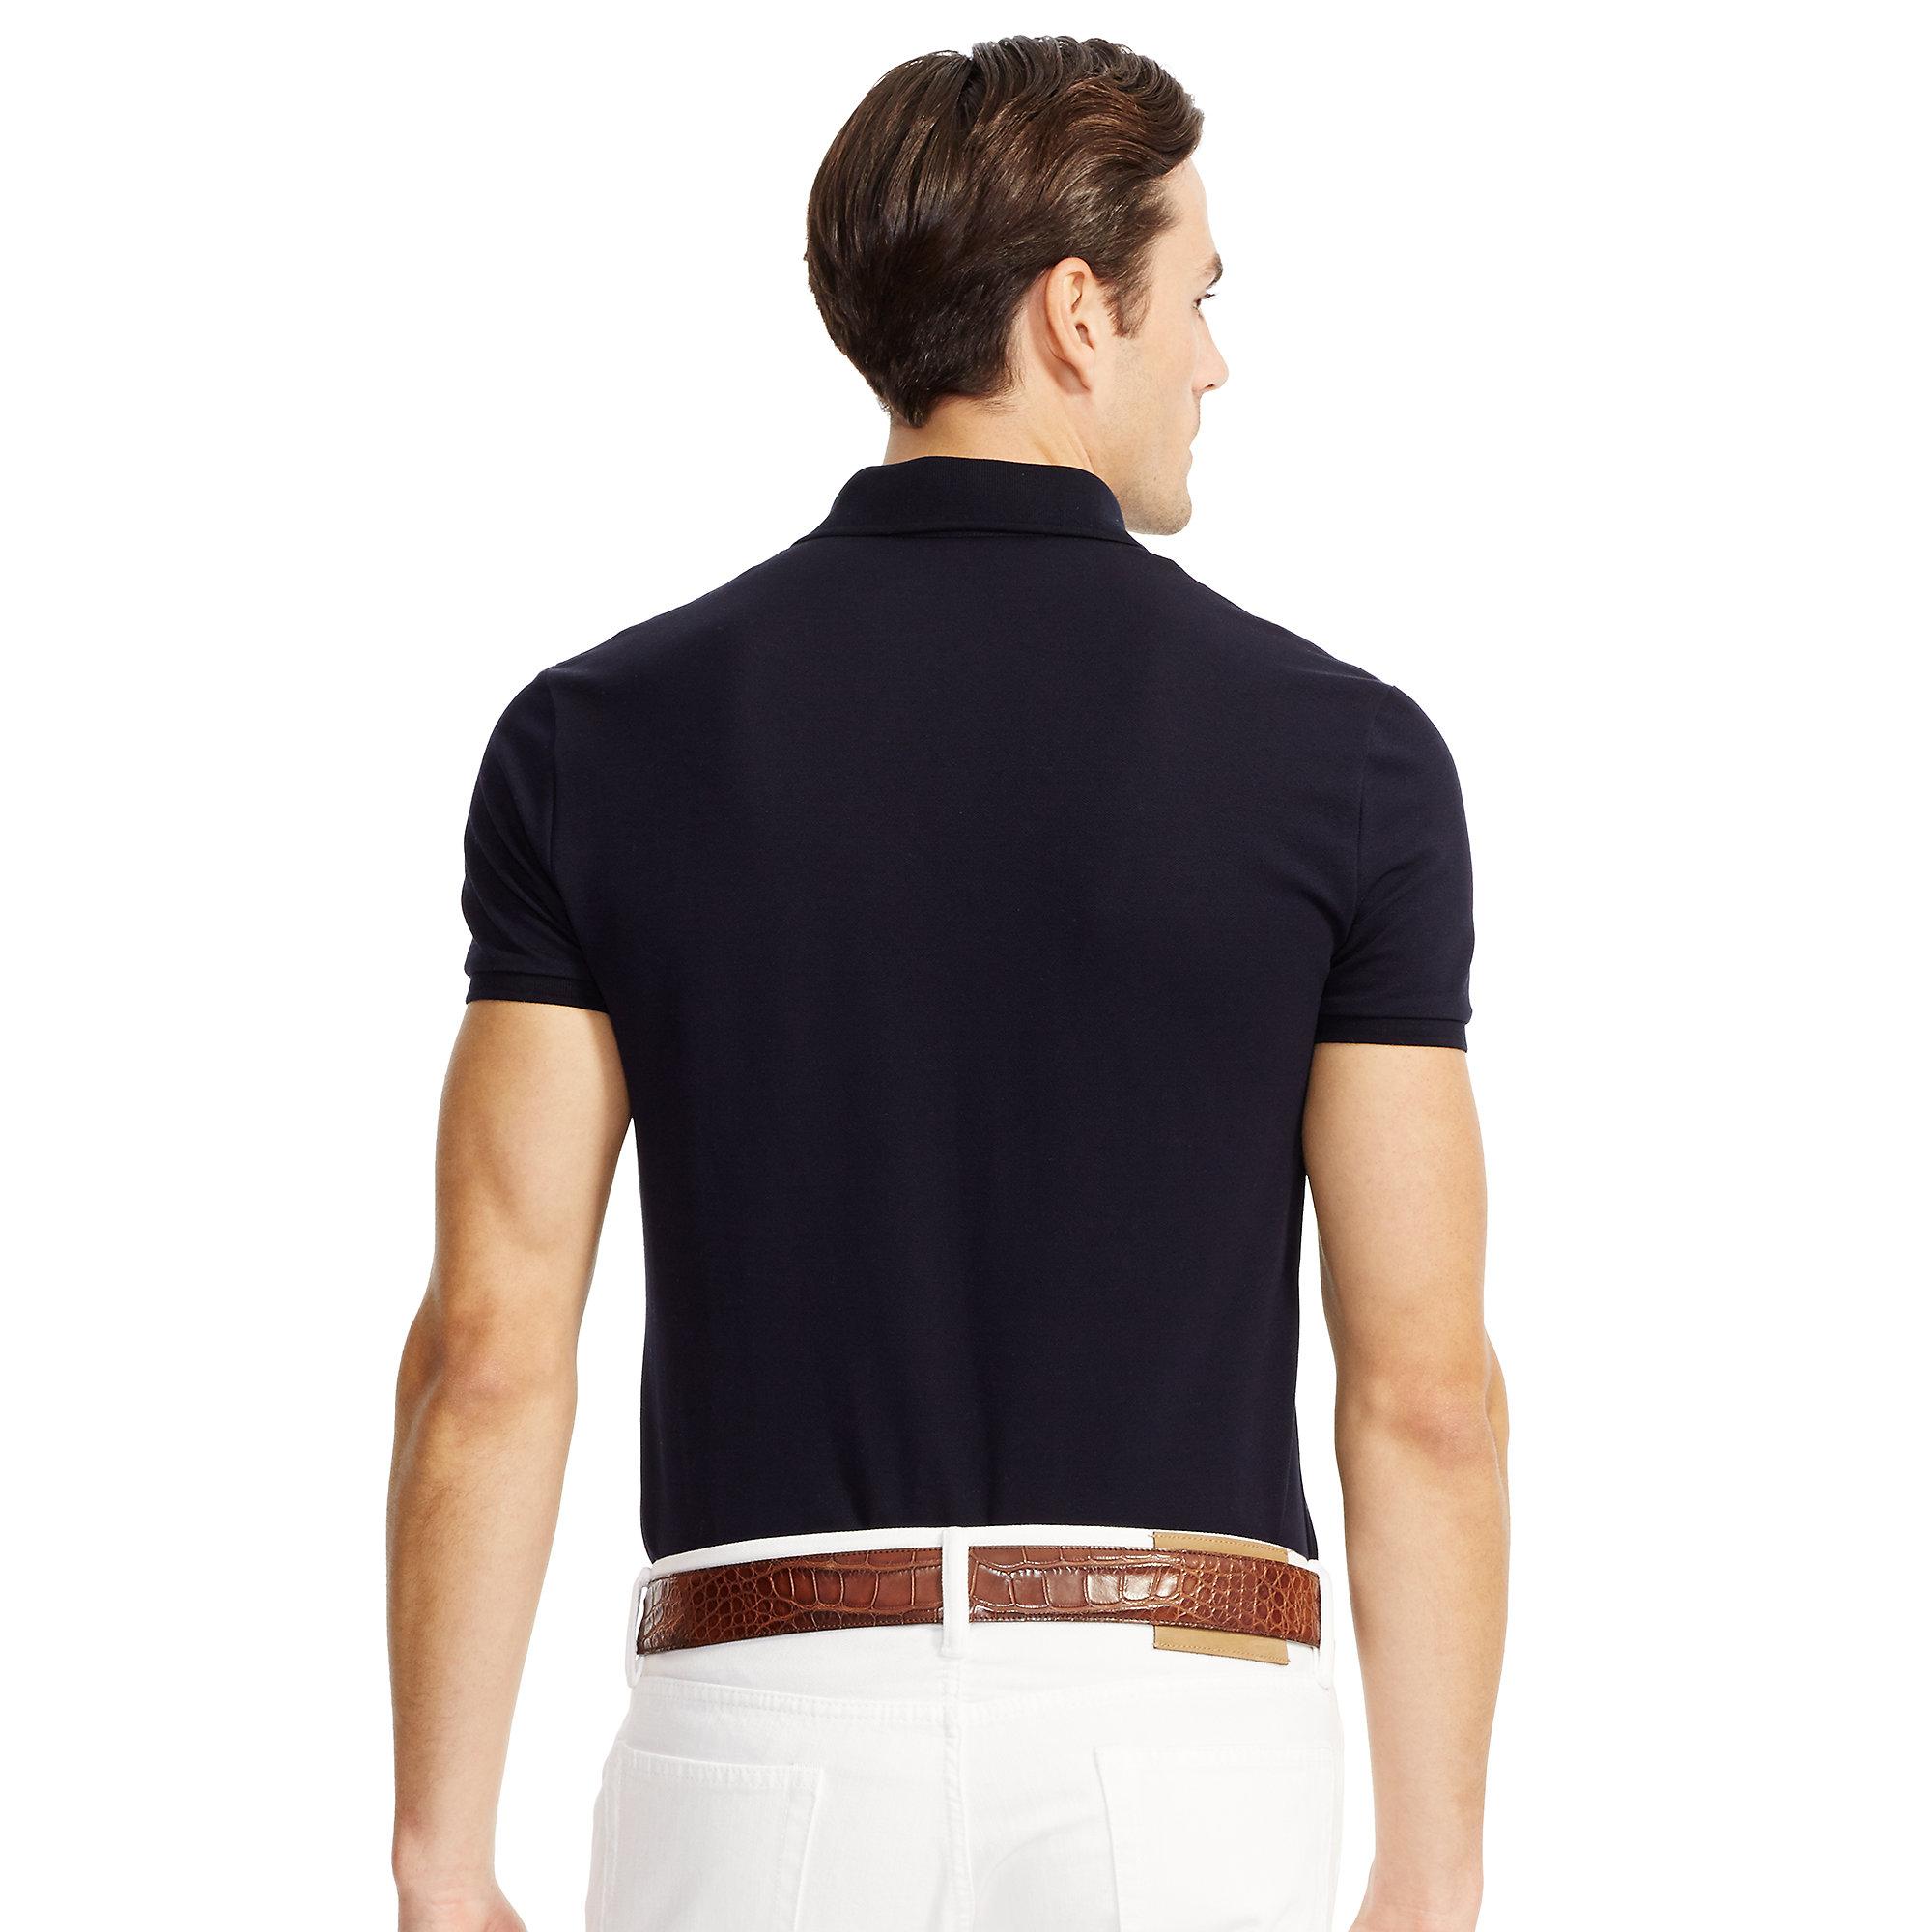 Ralph lauren black label stretch cotton polo shirt in blue for Ralph lauren black label polo shirt